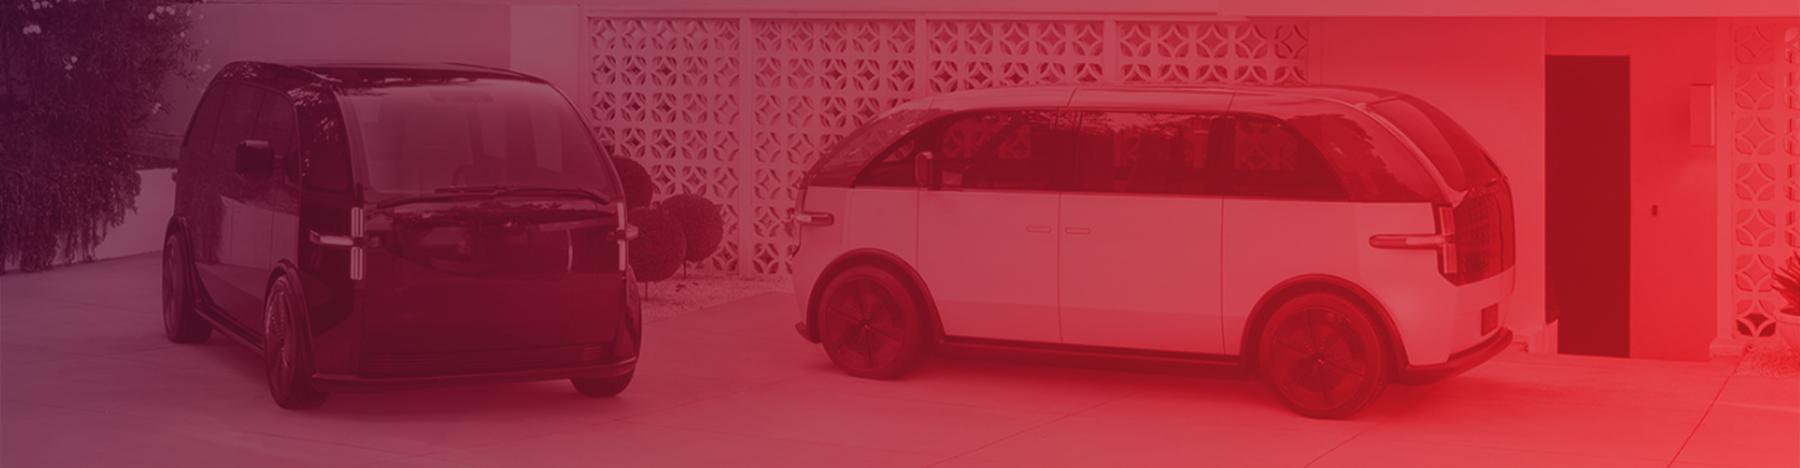 """Electric vehicles embrace """"anti-car"""" design"""